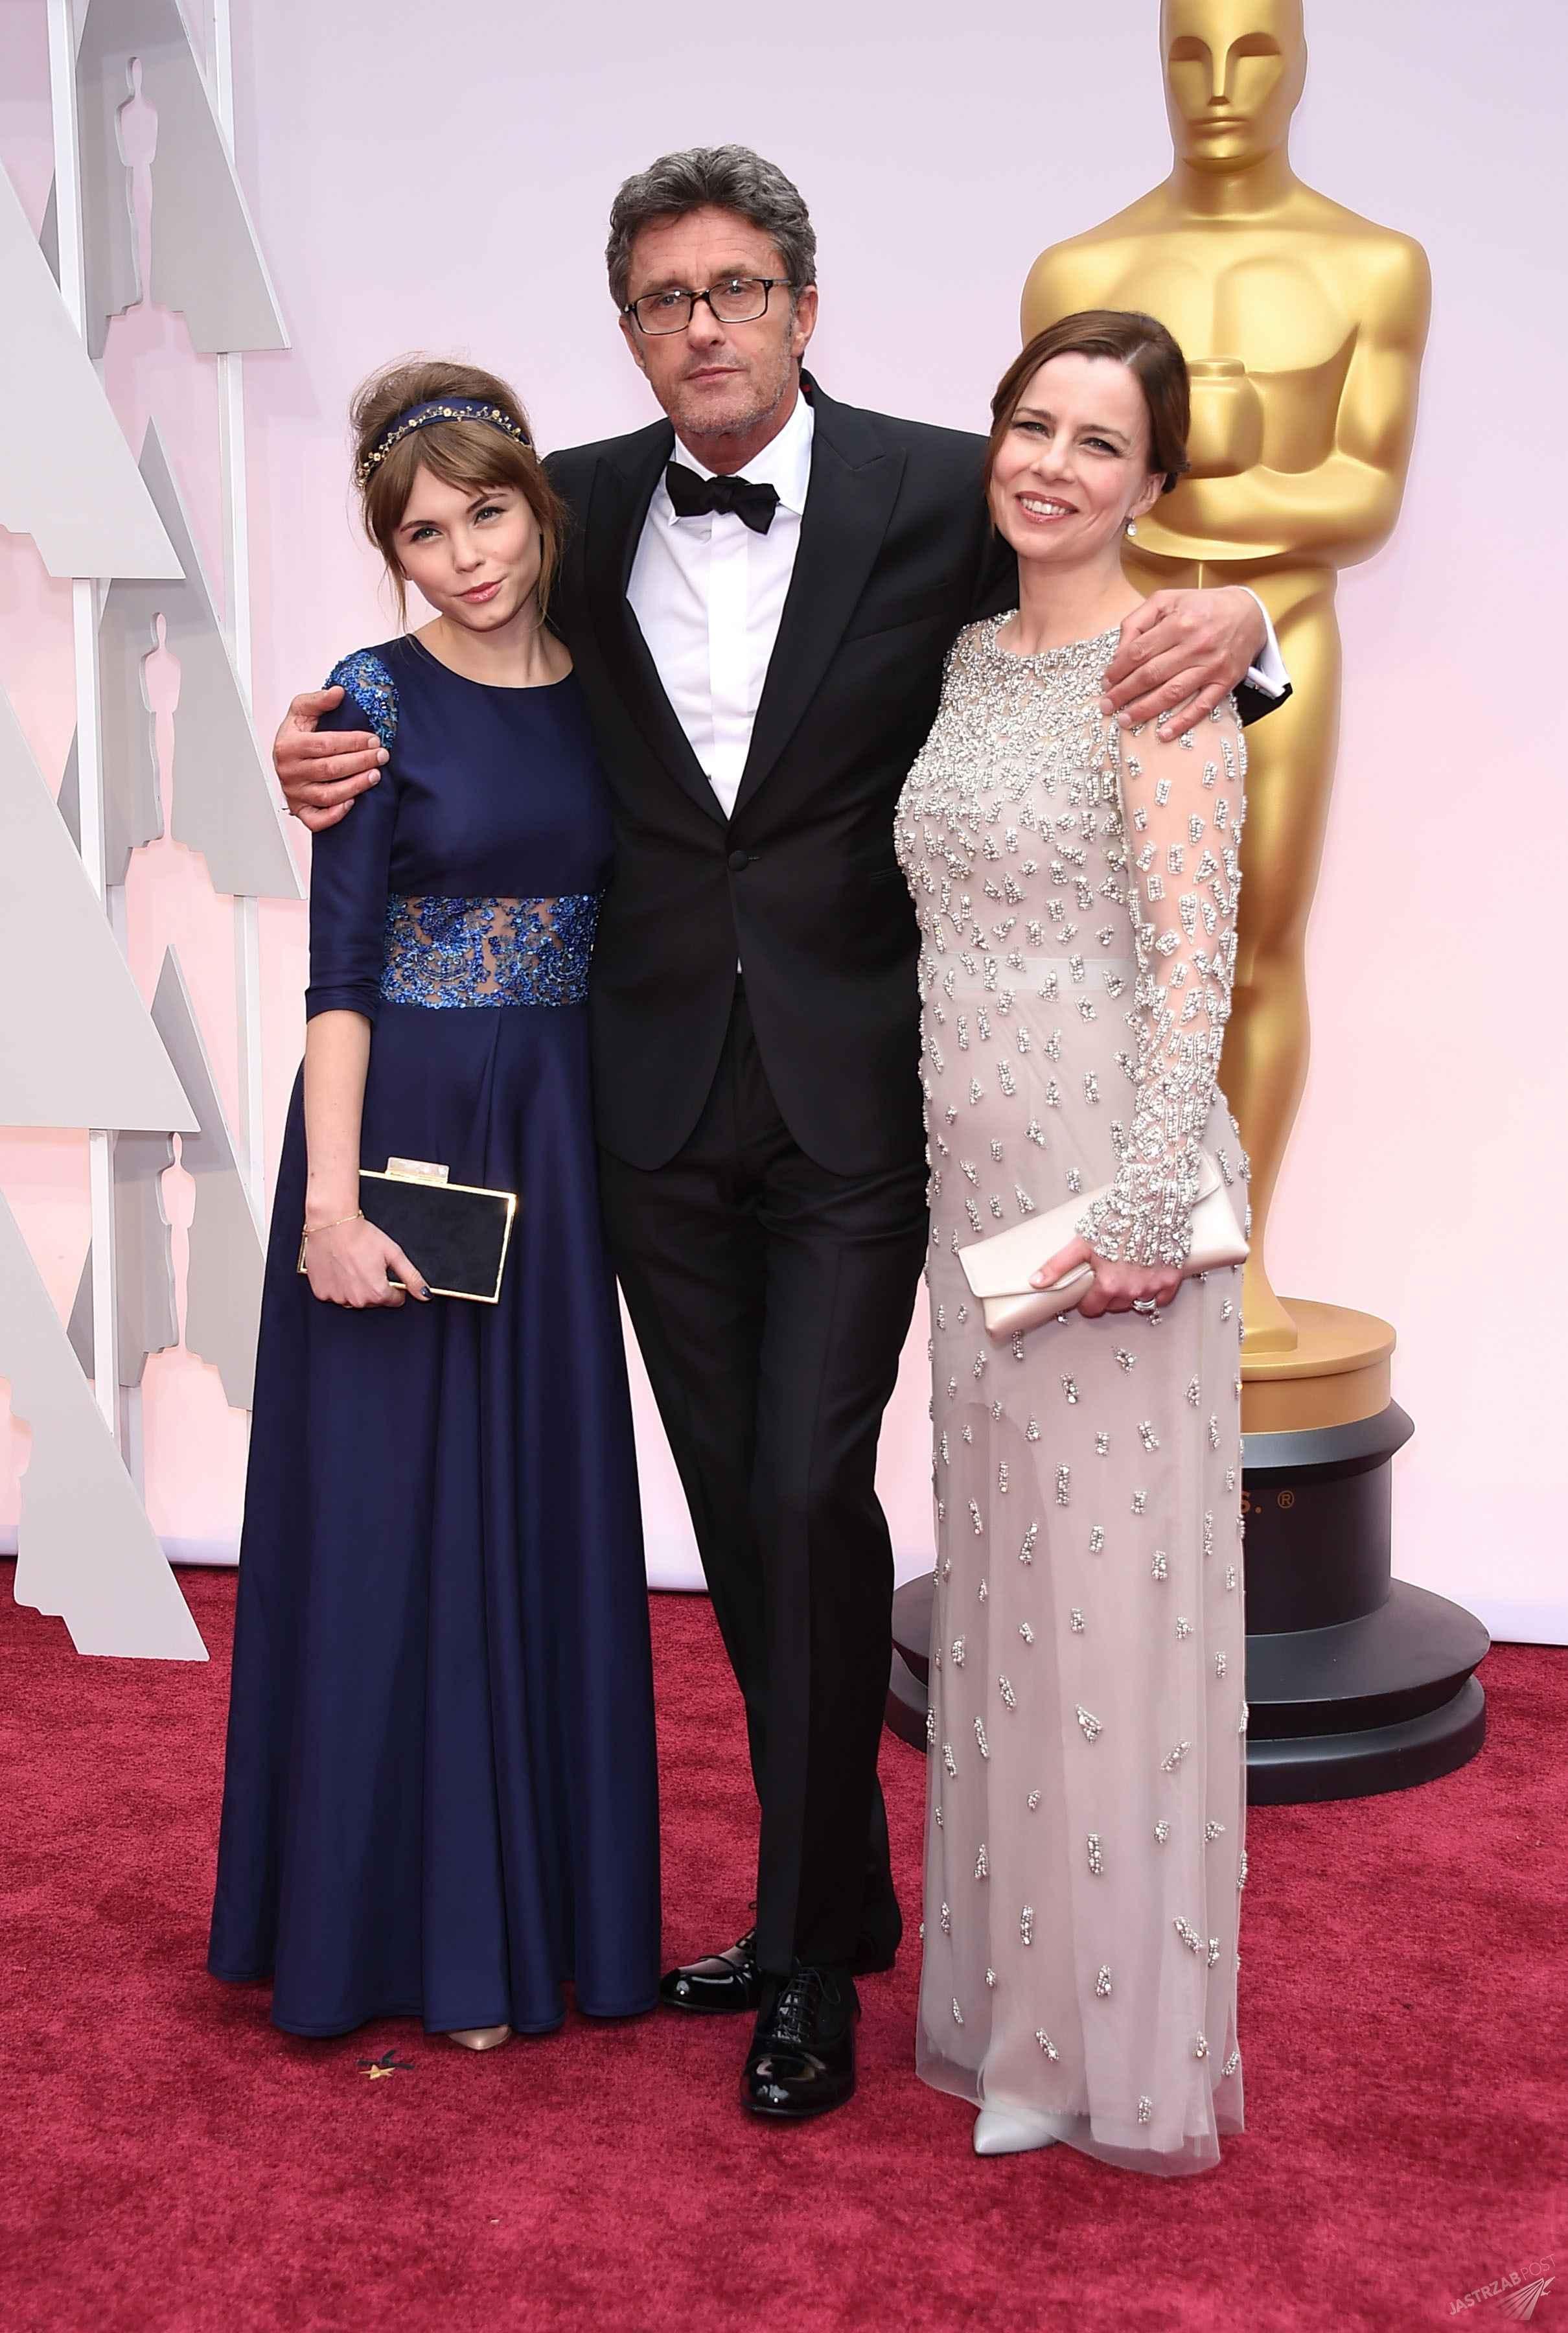 Agata Kulesza, Agata Trzebuchowska i Paweł Pawlikowski na ceremonii rozdania Oscarów, foto: ONS 87th Annual Academy Awards - Arrivals